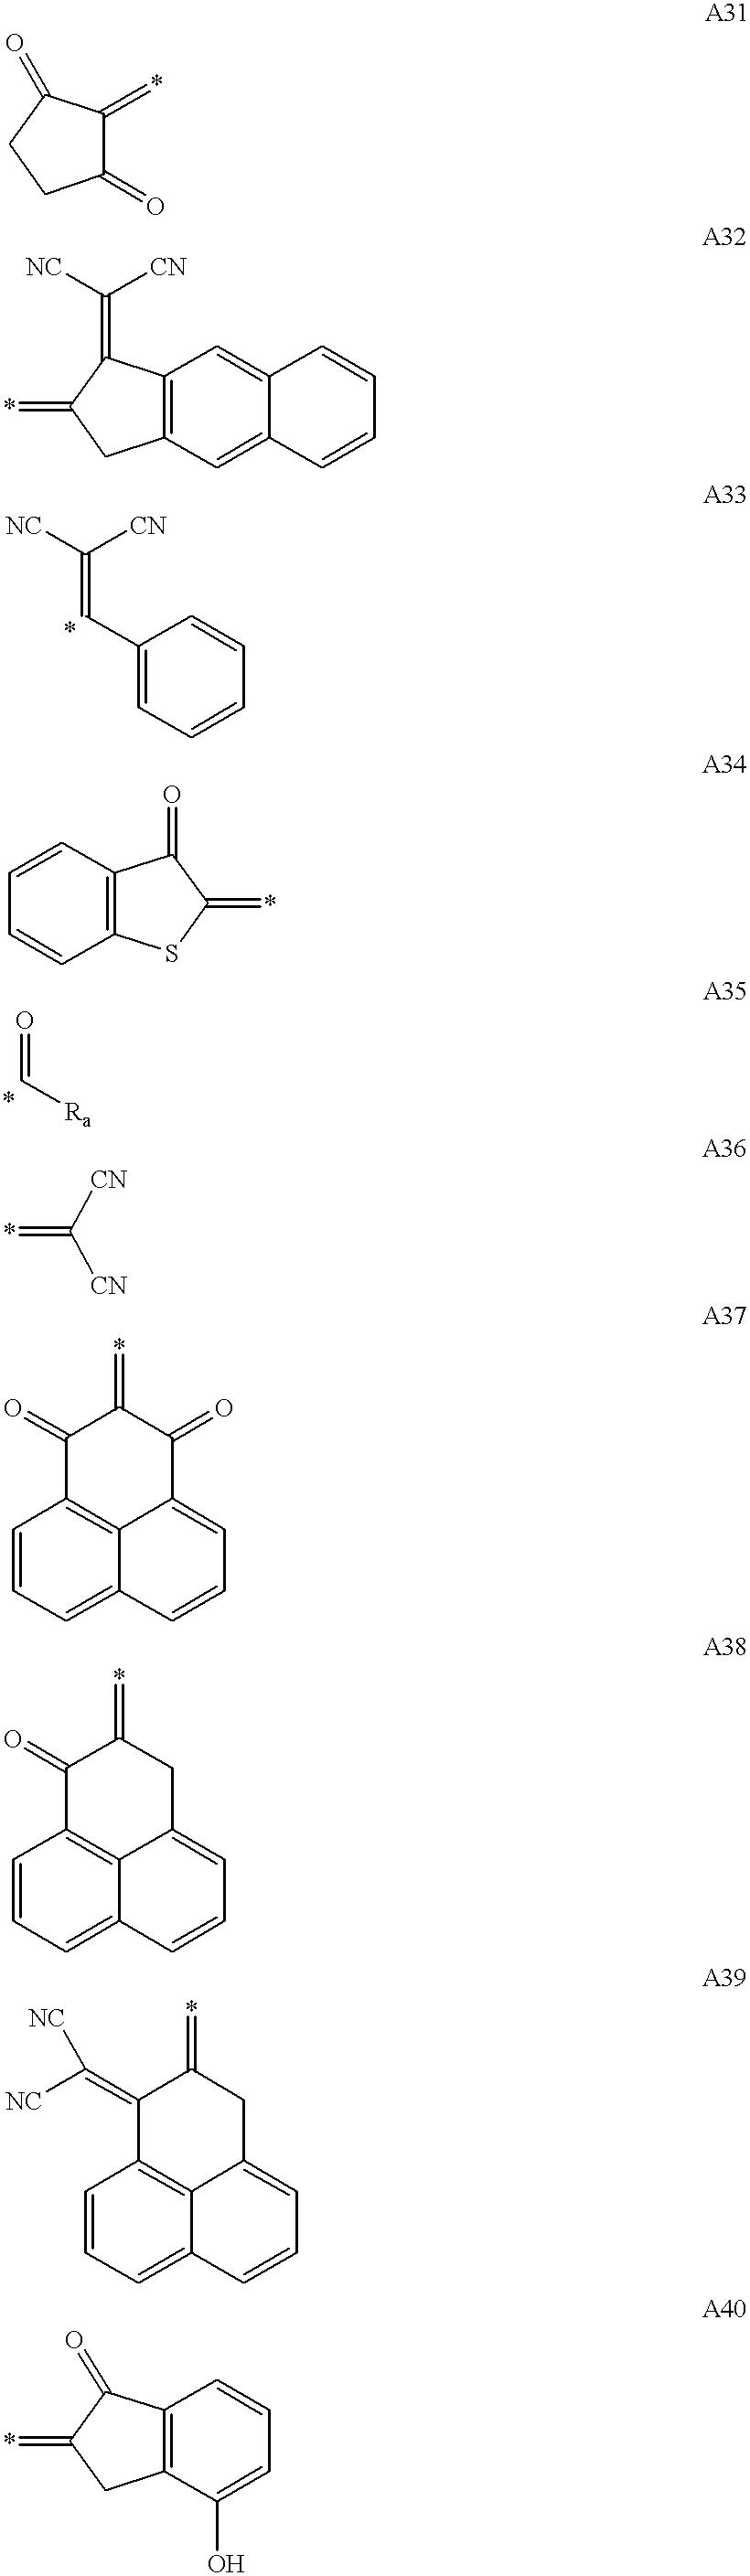 Figure US06267913-20010731-C00016